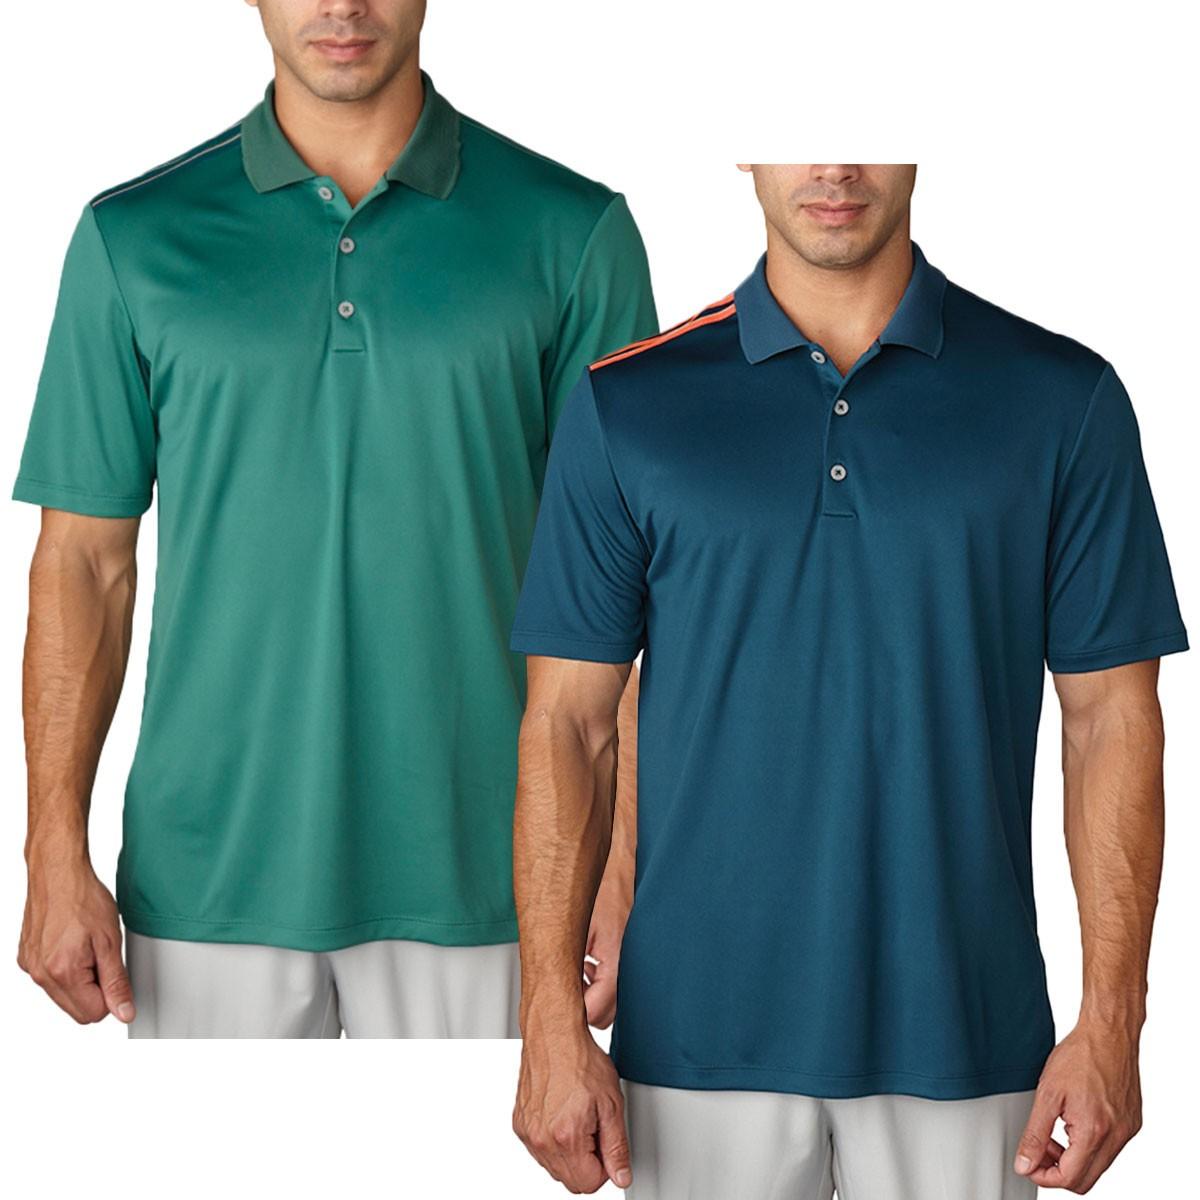 Adidas golf mens climacool 3 stripes stretch polo shirt for Stretch polo shirt mens